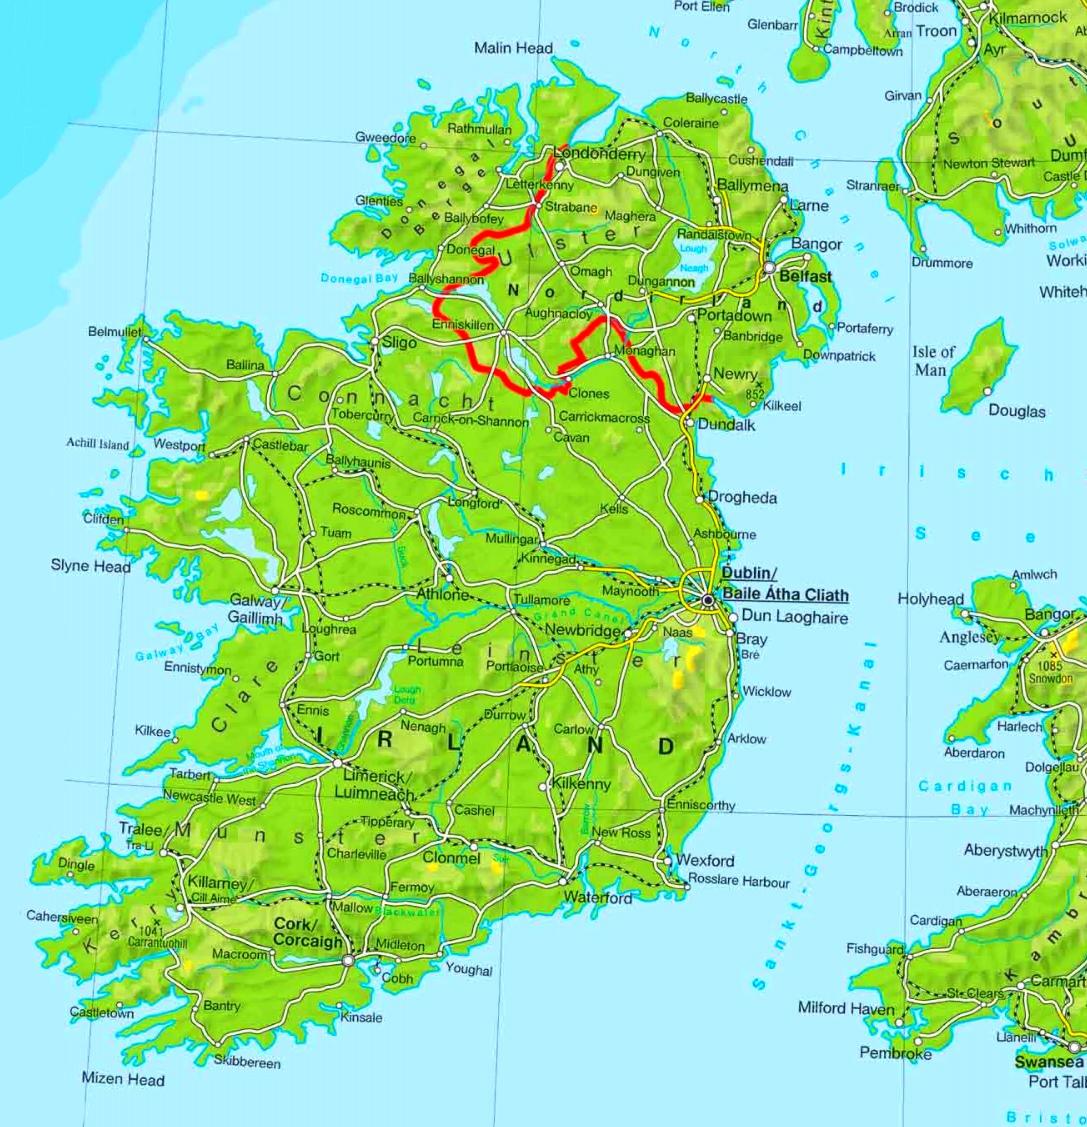 Irland Karte.Physische Landkarte Von Irland